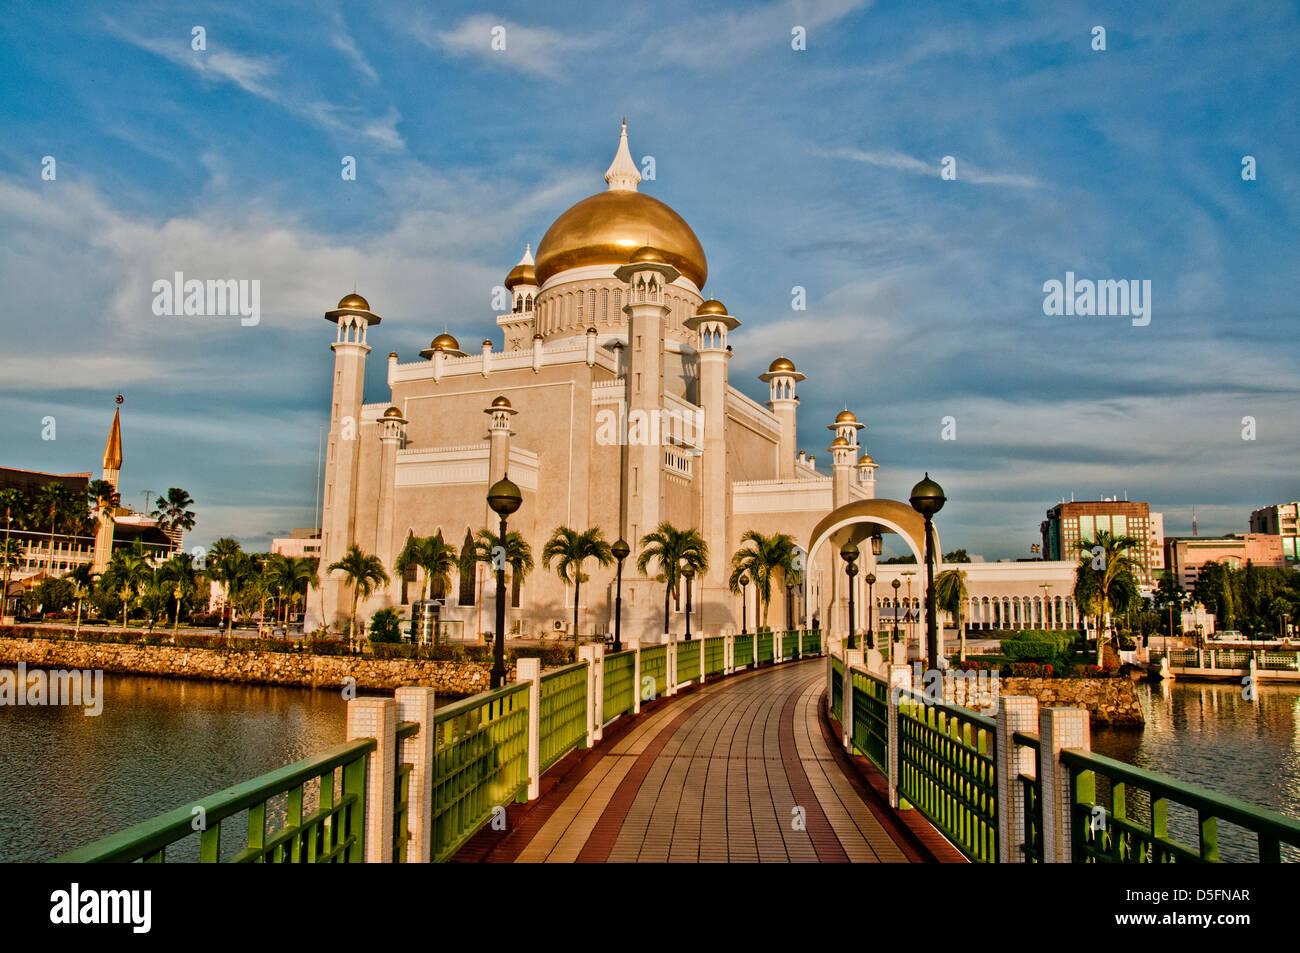 Sultan Omar Ali Saifuddin Mosque, - Stock Image